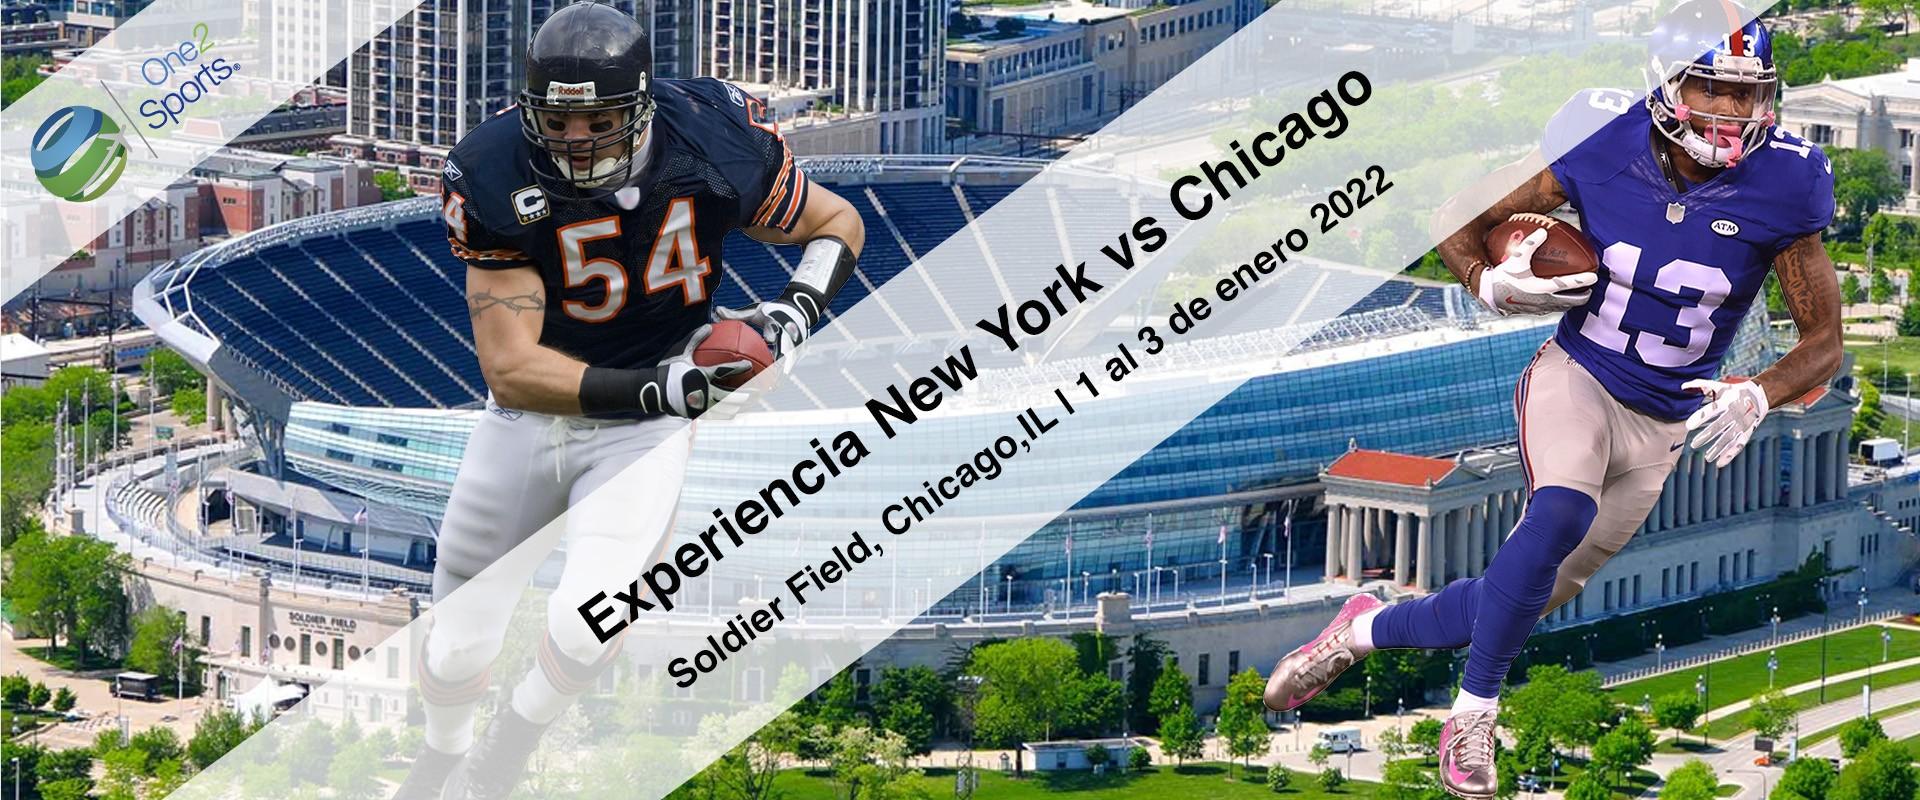 Chicago vs New York G.